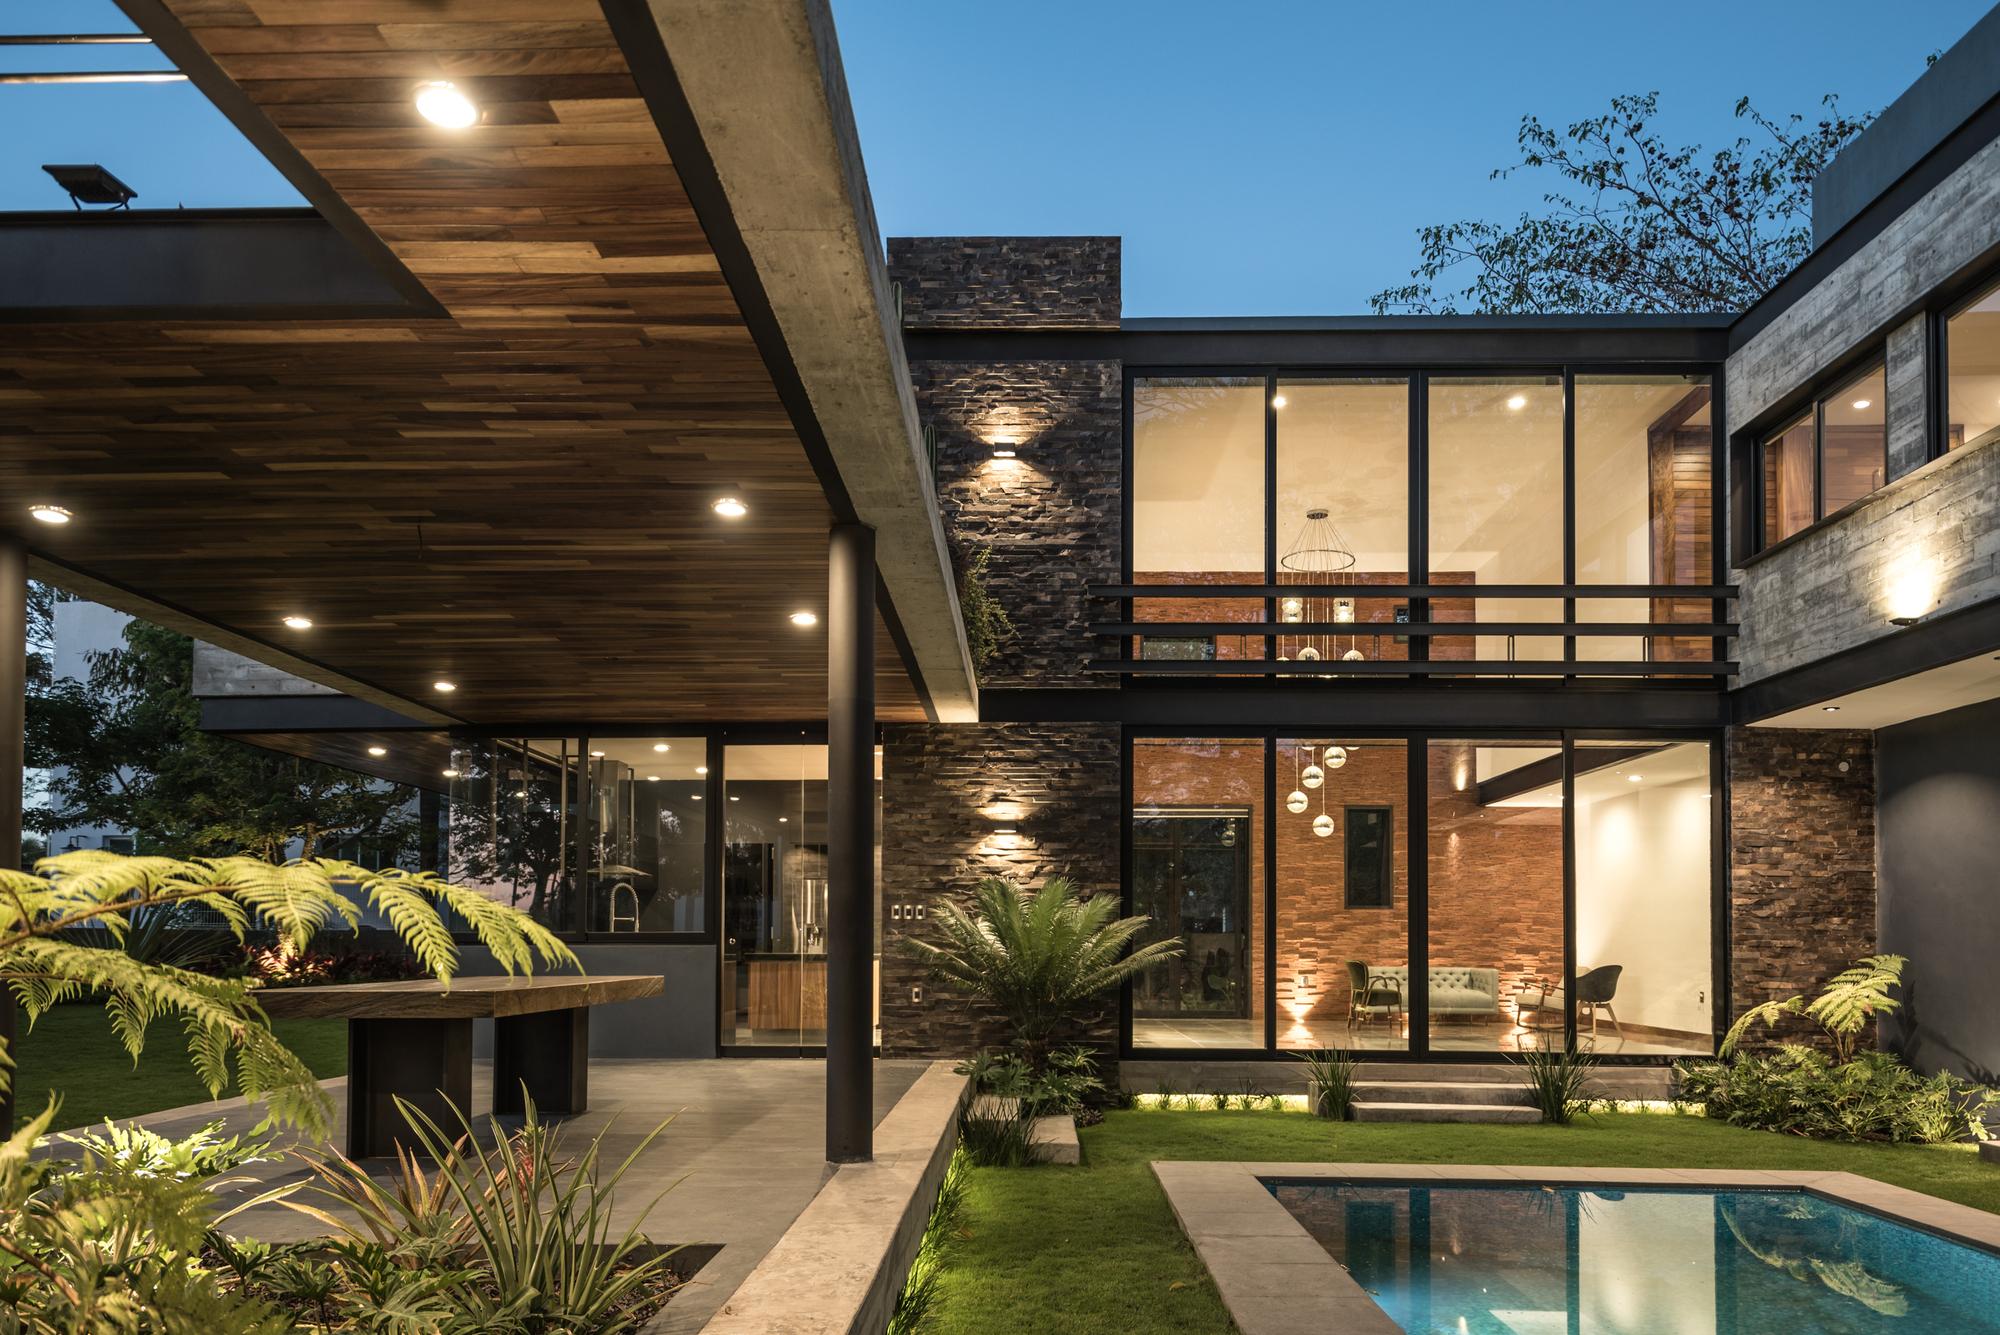 Casa kalyvas di frenna arquitectos archdaily m xico - Que es un porche en arquitectura ...